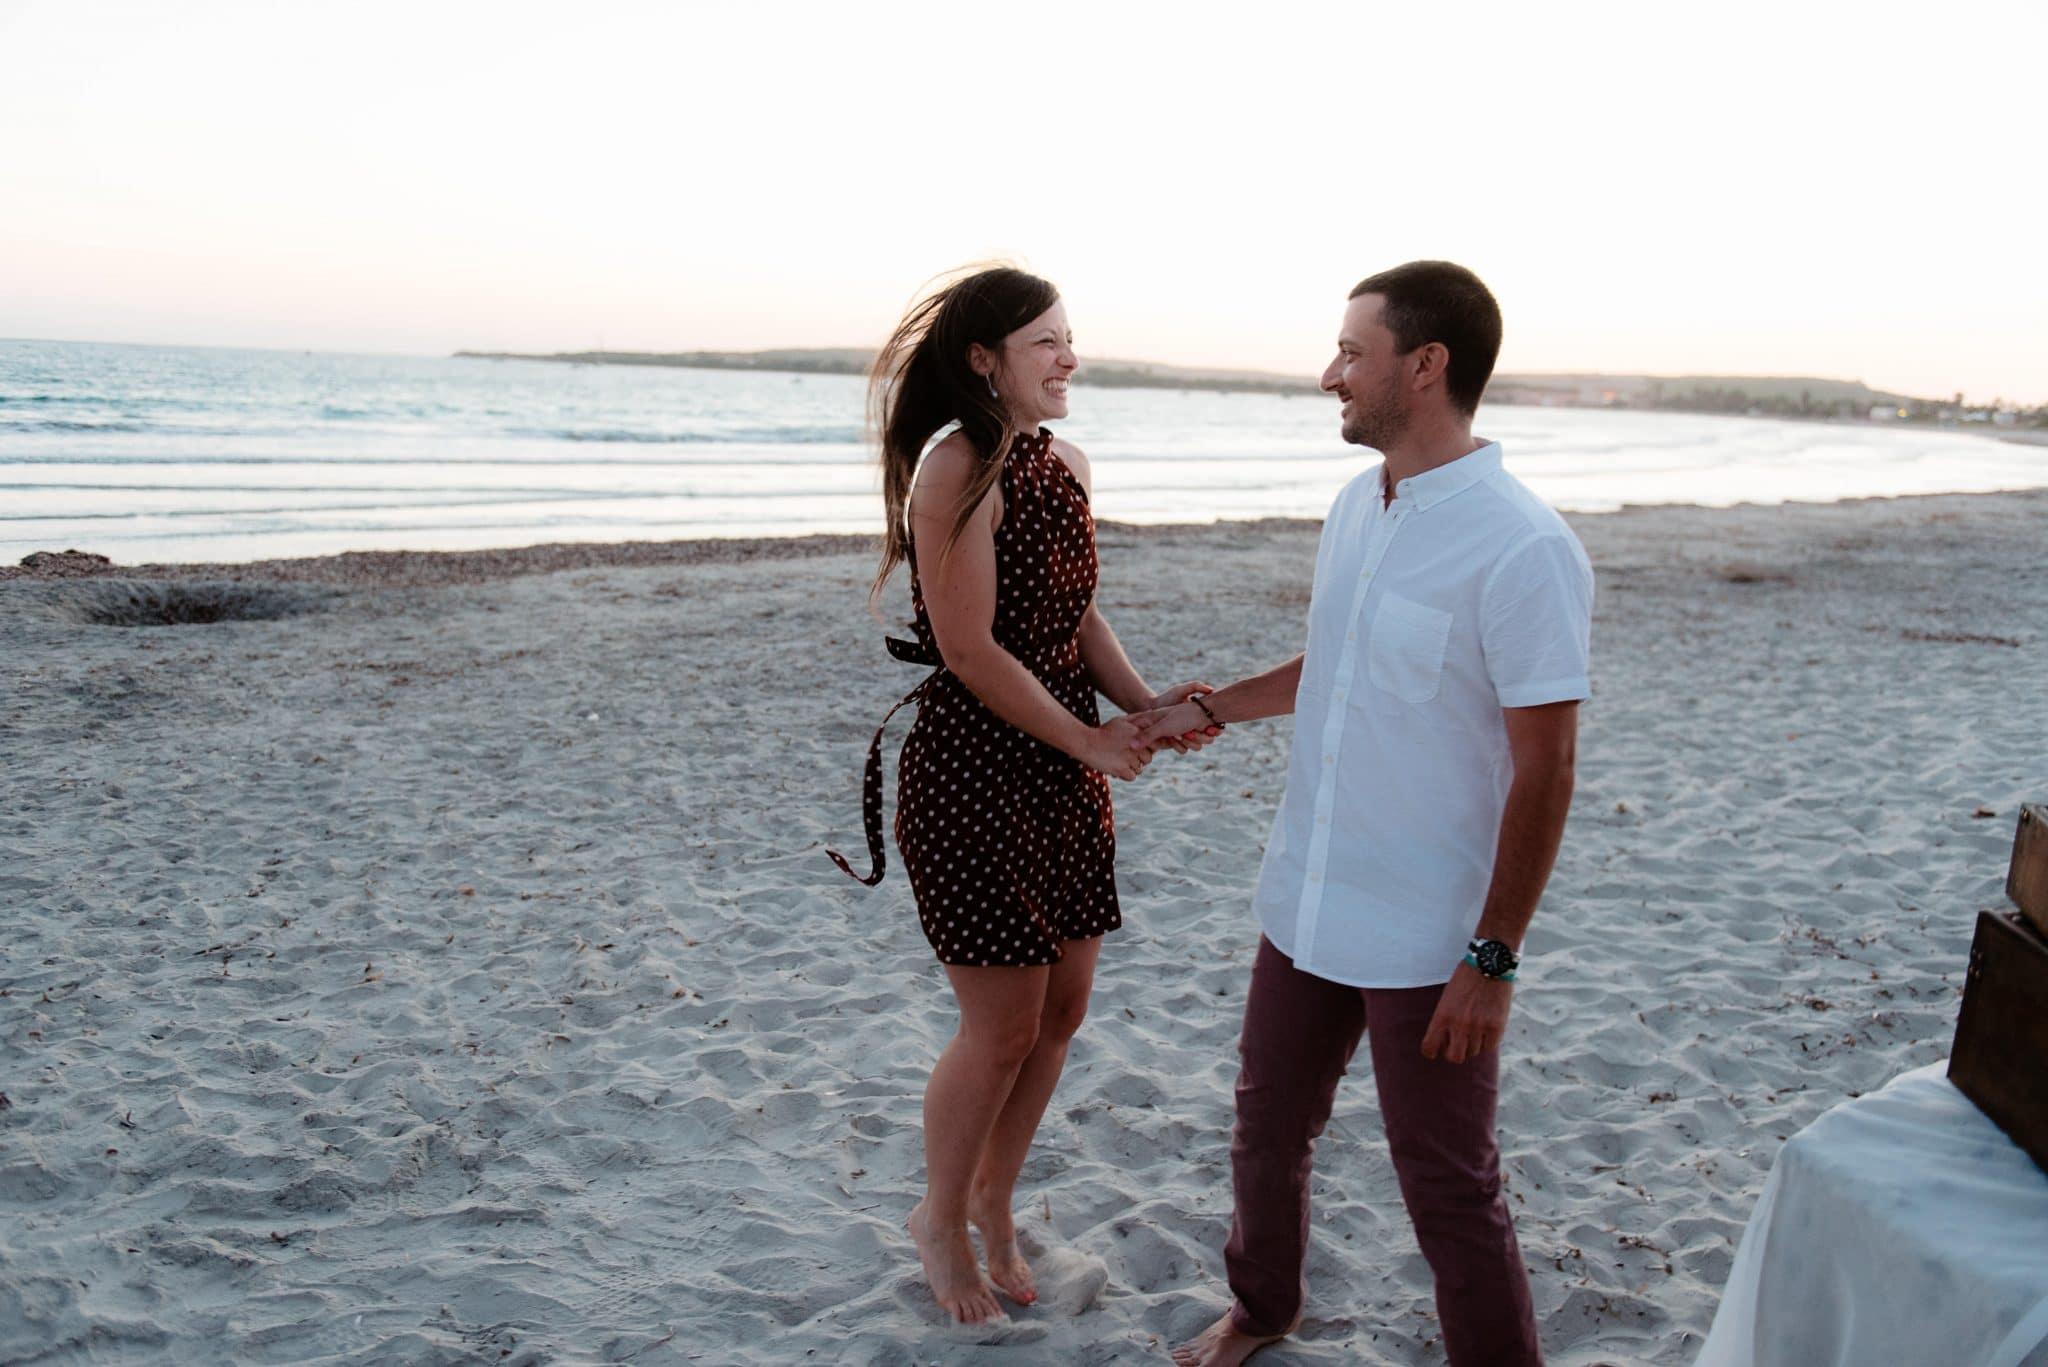 wedding proposal Oristano, sardinia